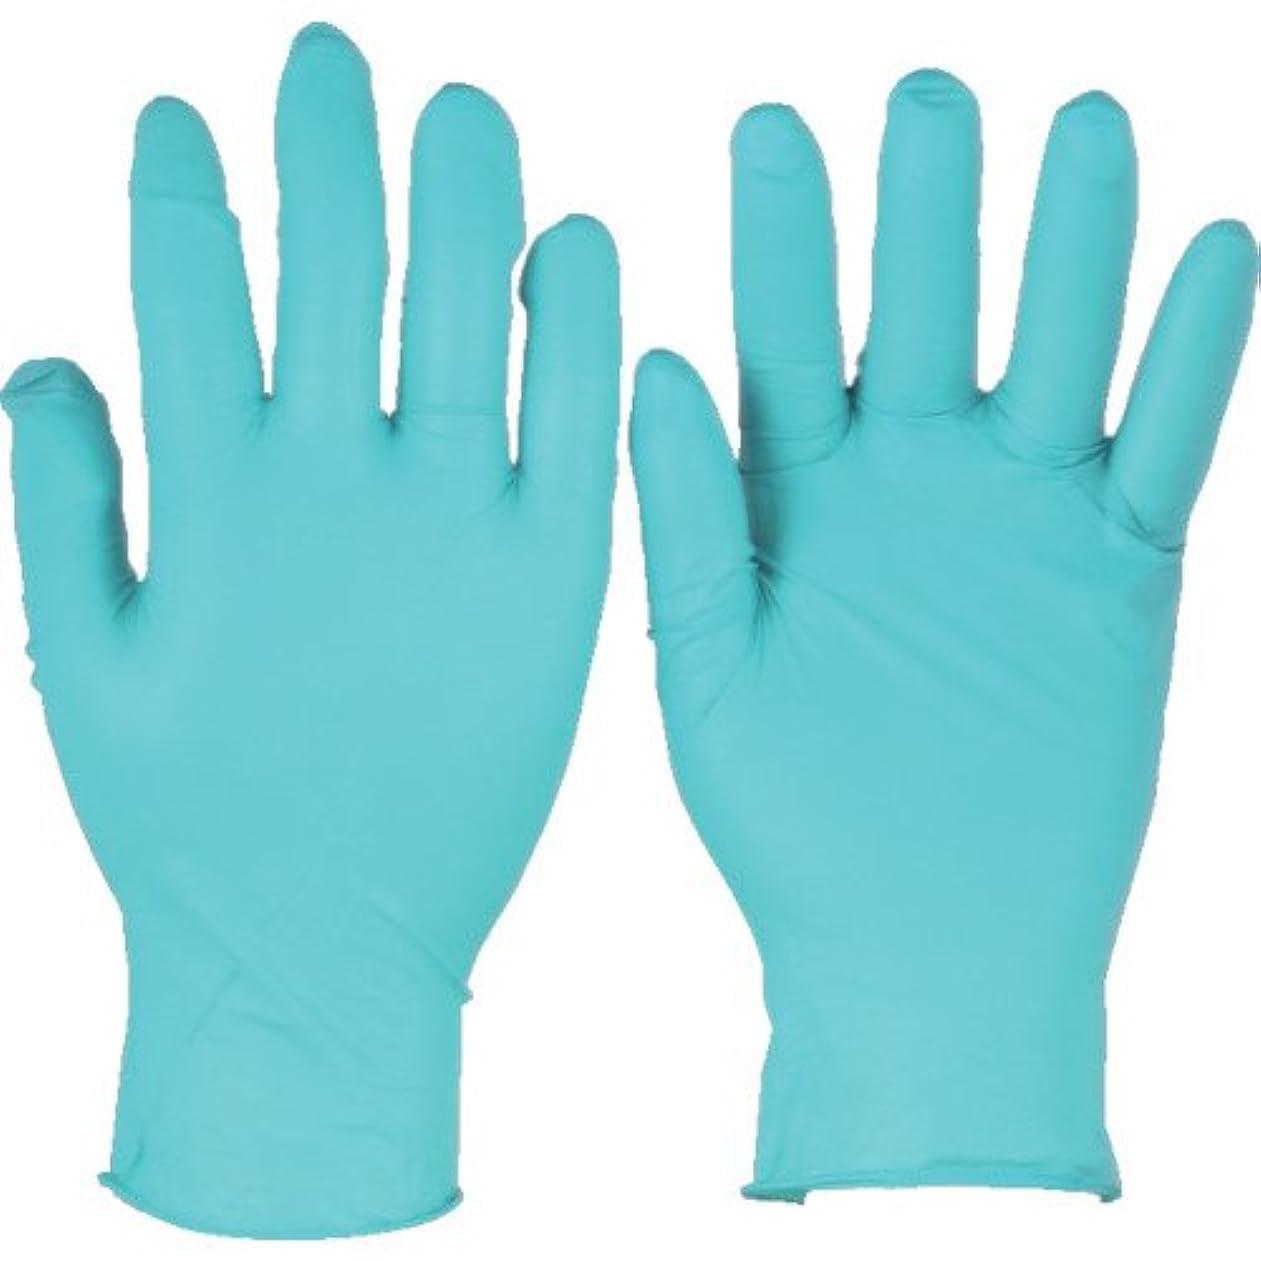 姿勢吸収剤イブニングトラスコ中山 アンセル ニトリルゴム使い捨て手袋 タッチエヌタフ 粉付 Mサイズ 100枚入 925008